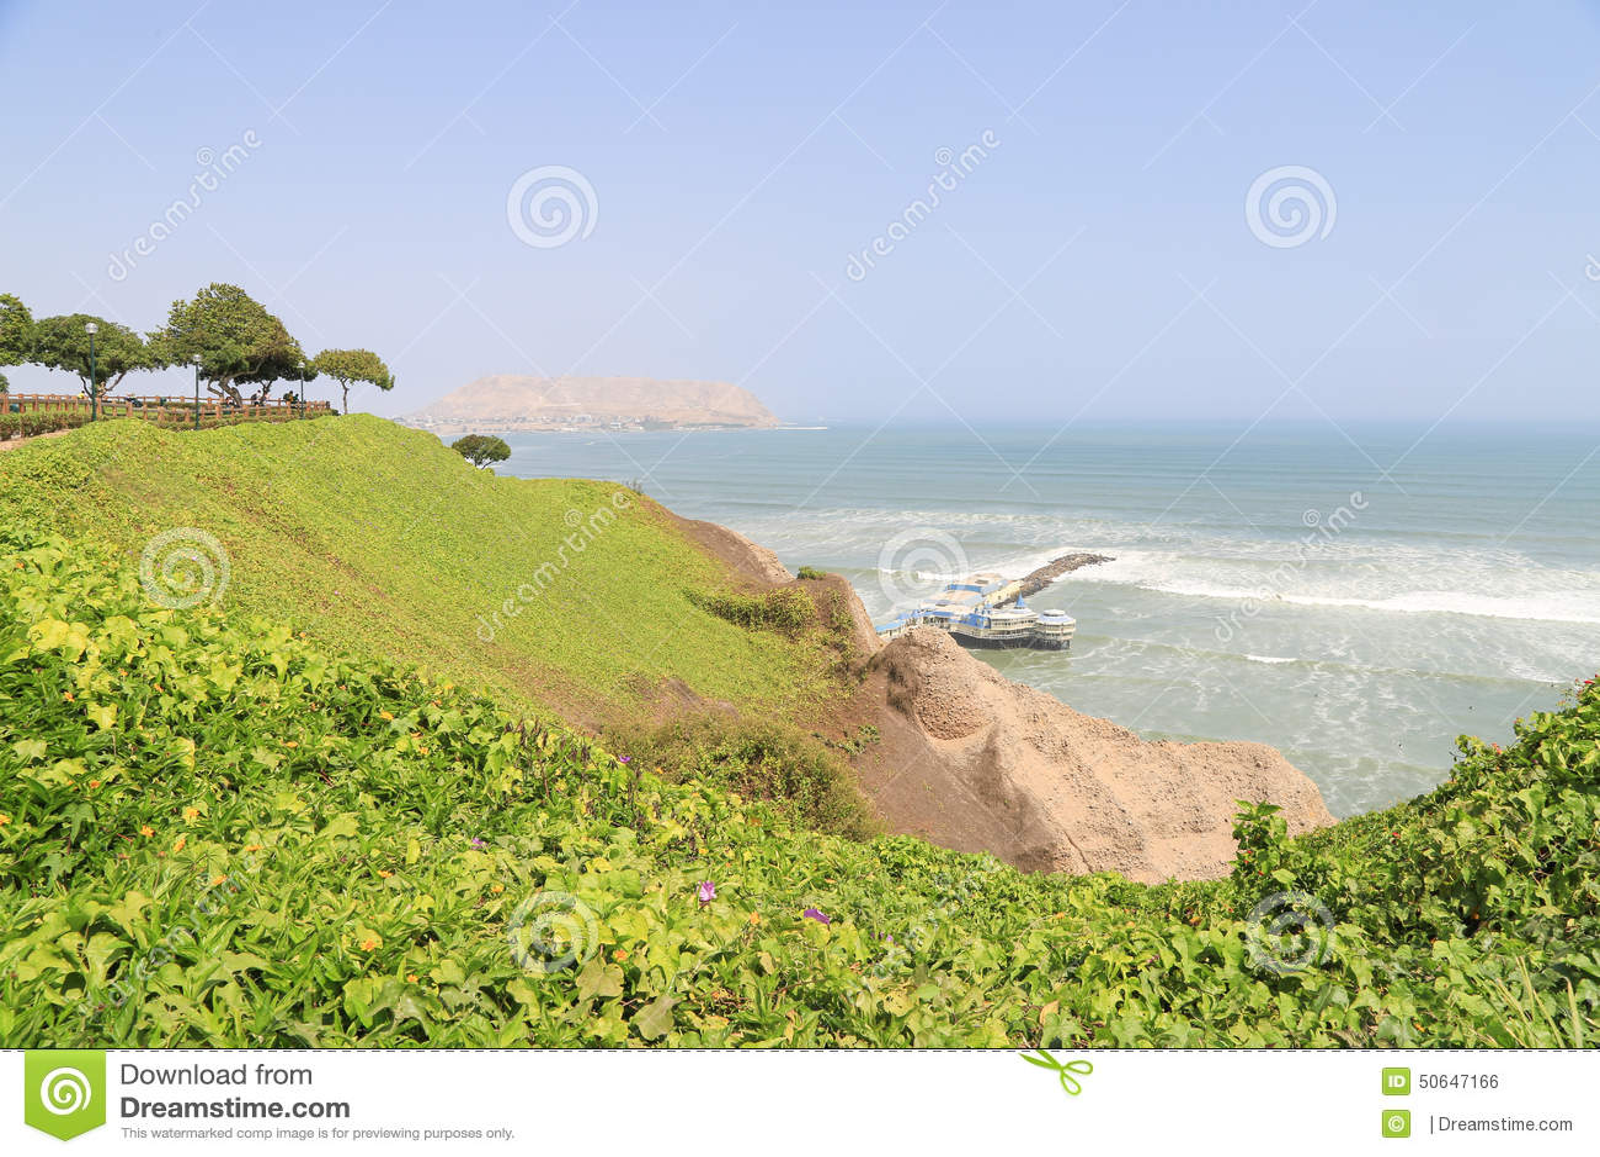 Penhasco no distrito de Miraflores em Lima Peru perto do Oceano Pacífico